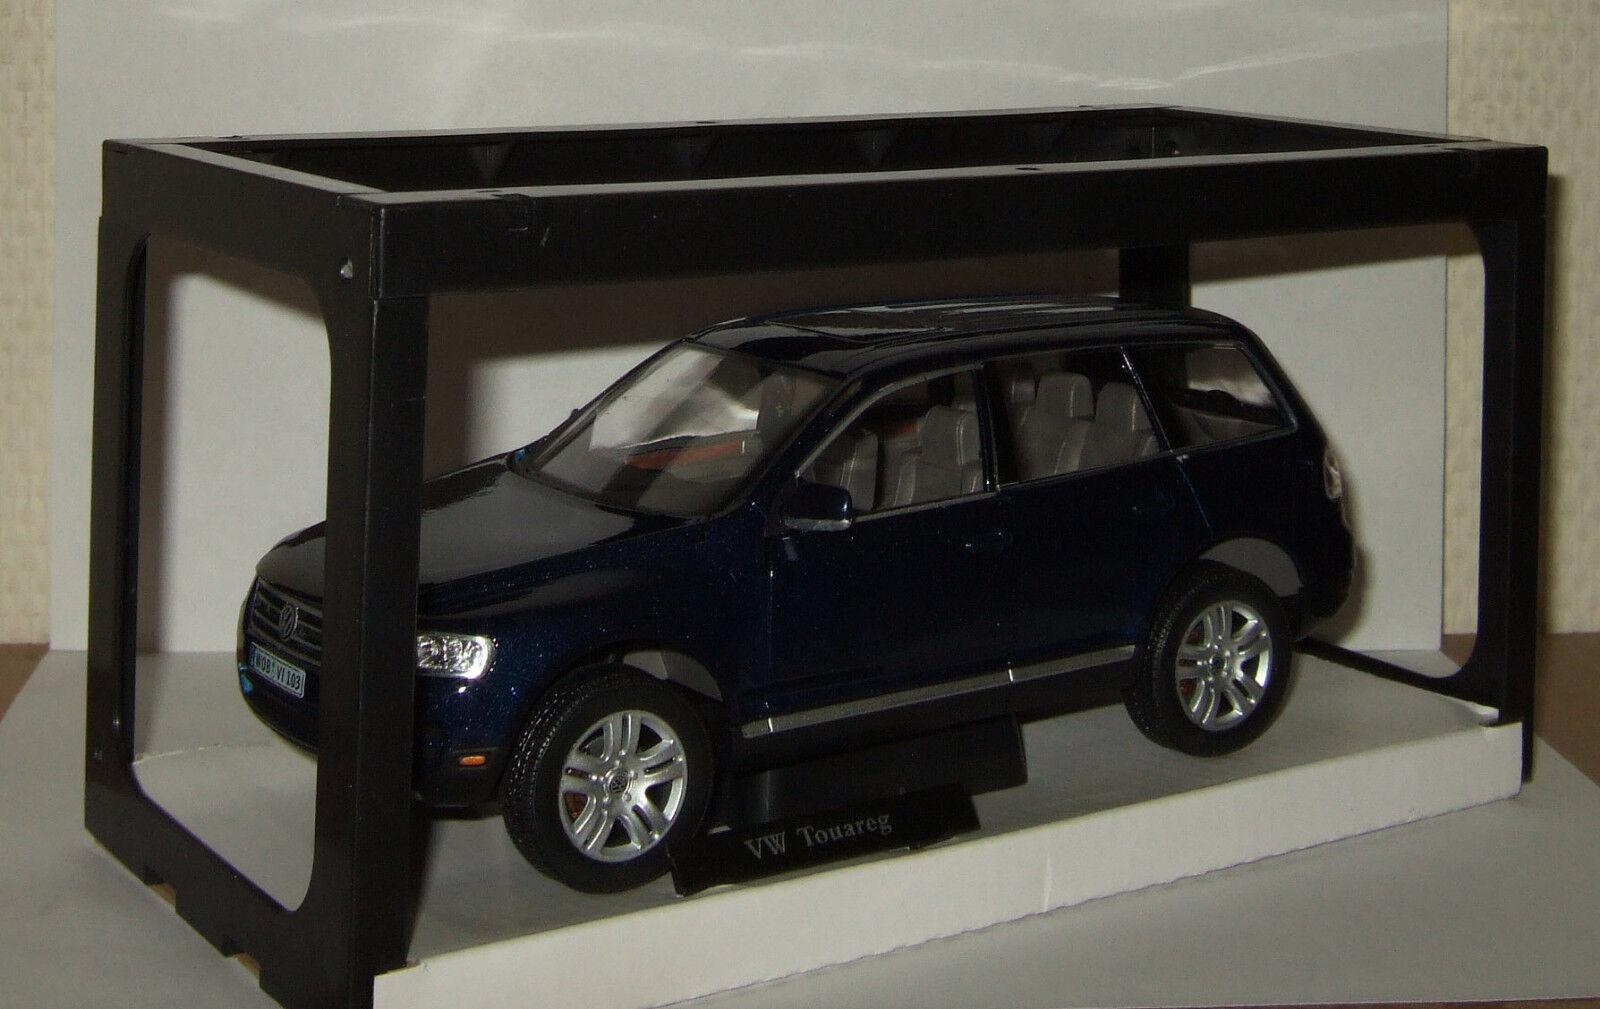 promozioni di squadra 1 24 autoarama Hongwell VW VOLKSWAGEN VOLKSWAGEN VOLKSWAGEN TOUAREG 2004 4x4 4wd  consegna veloce e spedizione gratuita per tutti gli ordini